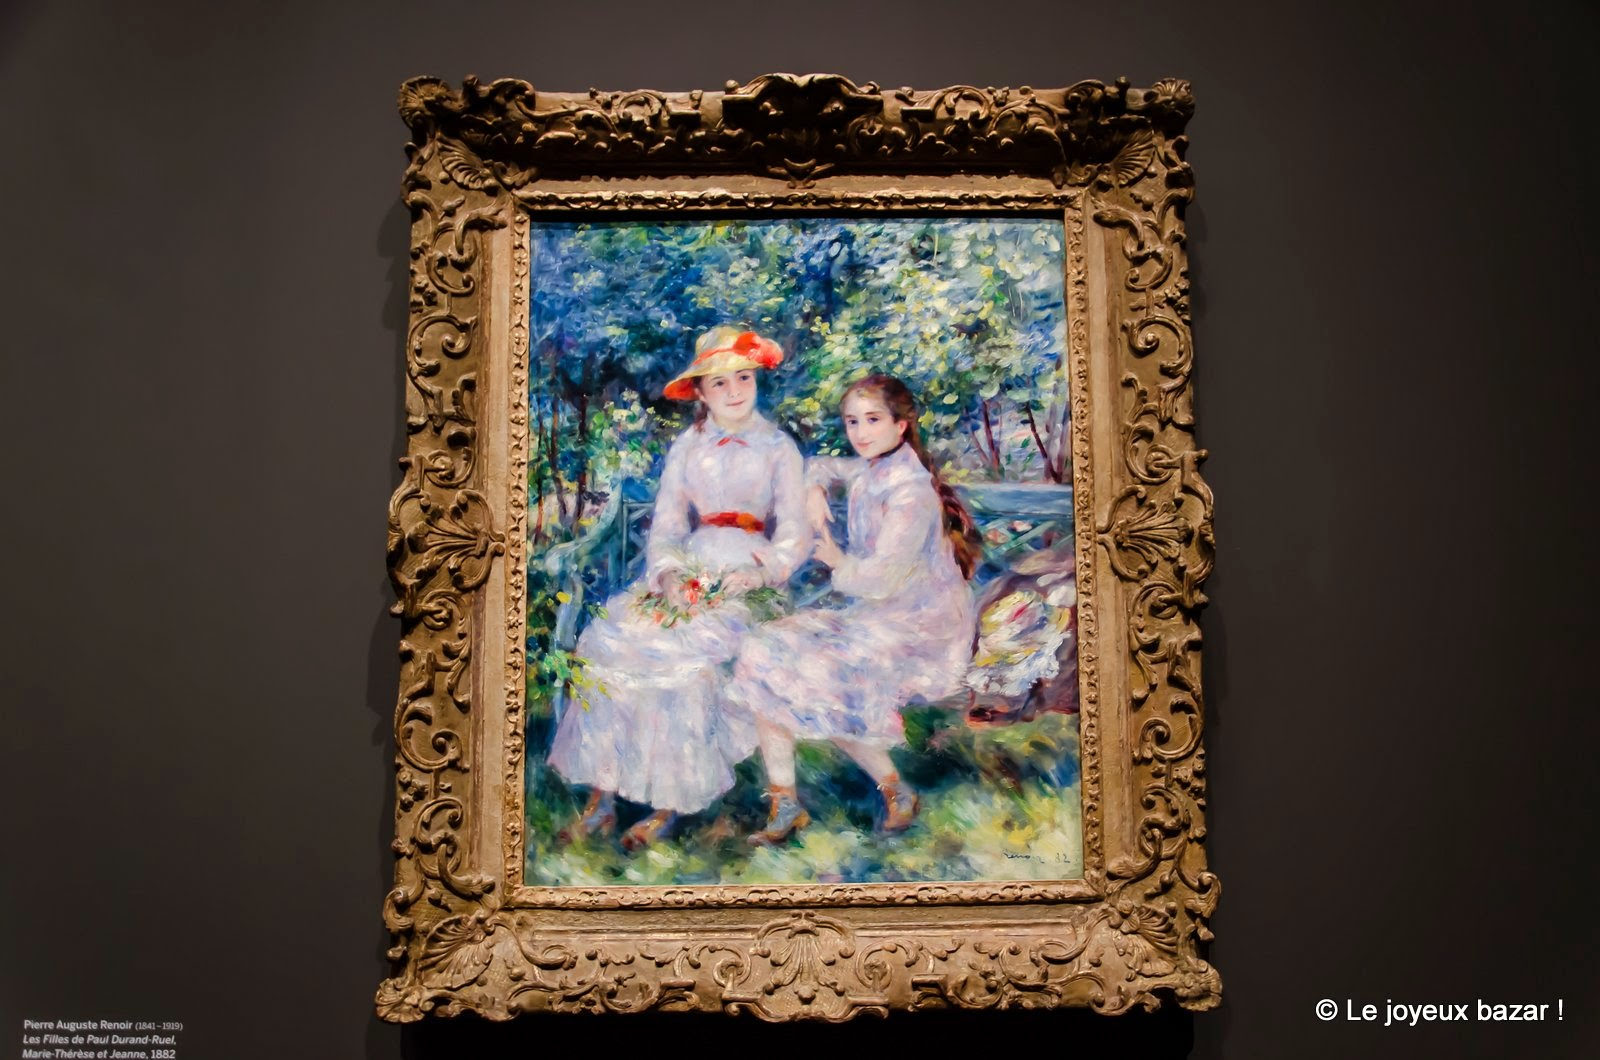 Pierre-Auguste Renoir Marie-Thérèse et Jeanne Durand-Ruel 1882 Huile sur toile, 81,3 x 65,4 cm Norfolk, The Chrysler Museum of Art